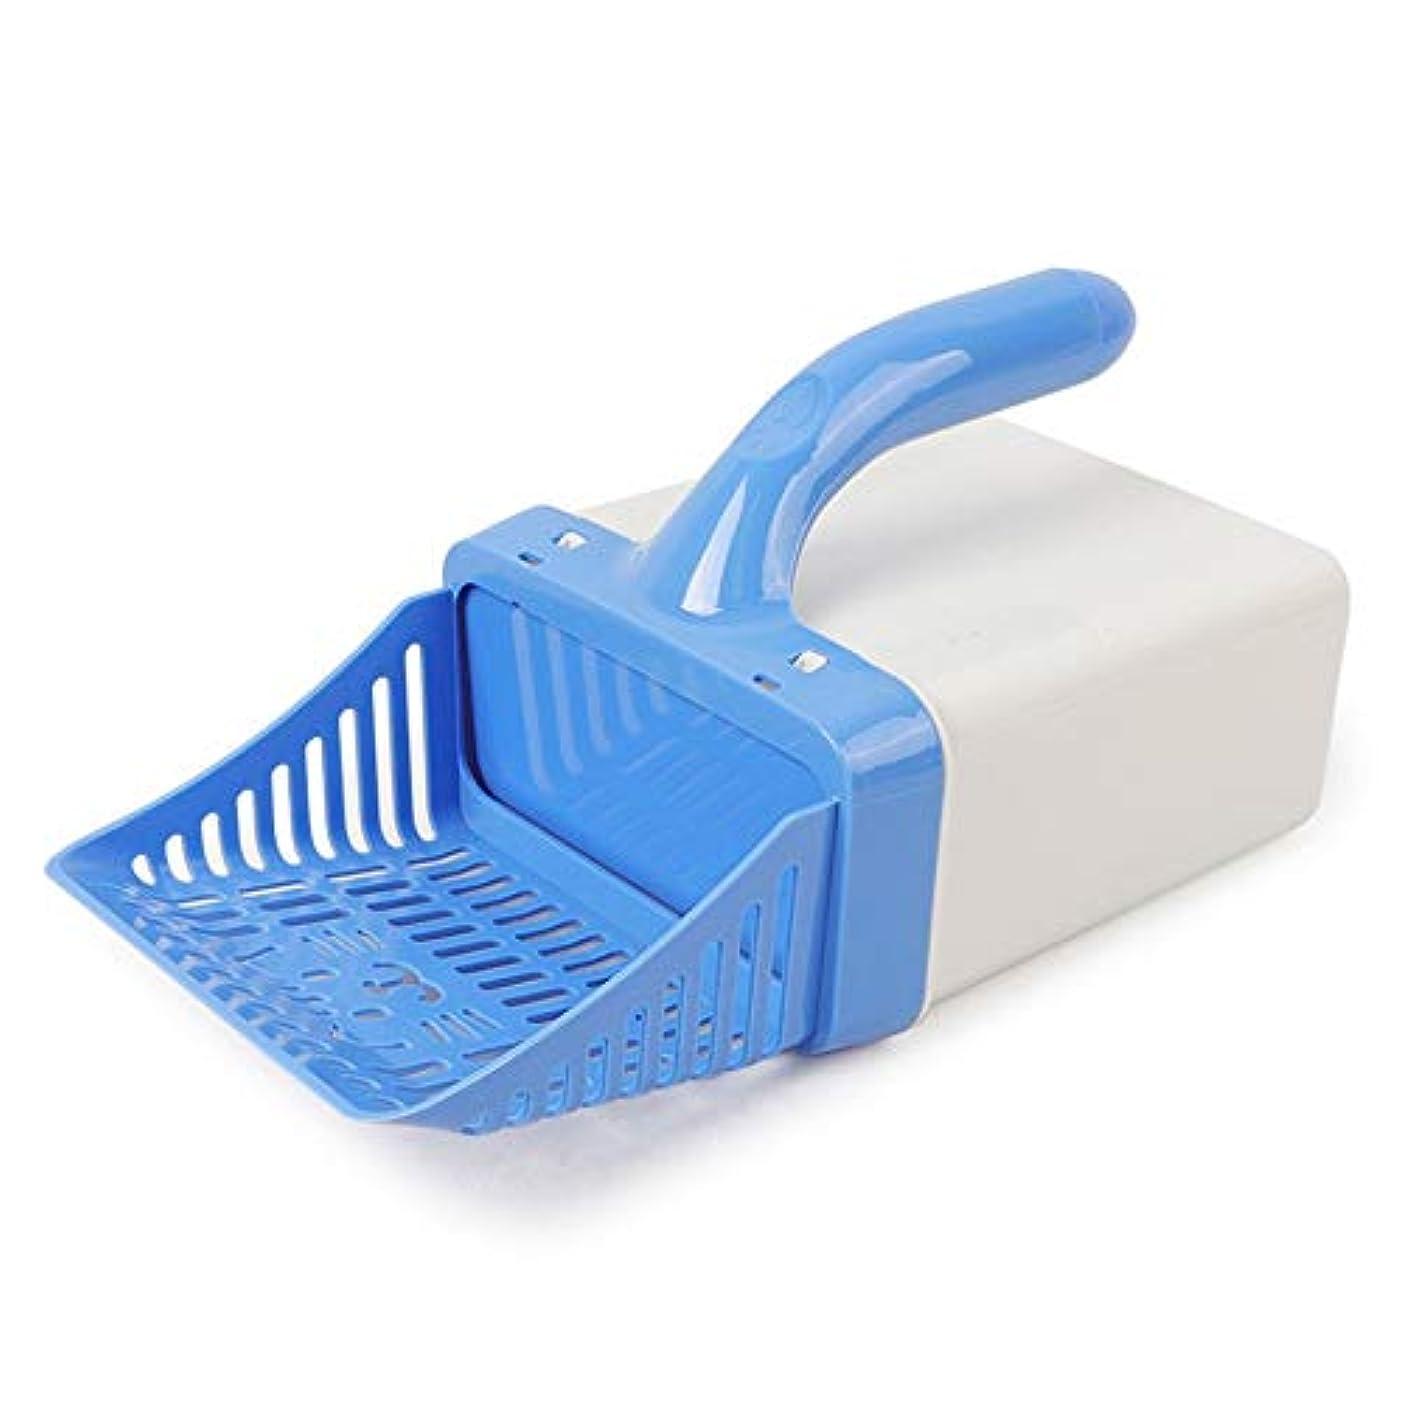 打撃パーティション課税セミクローズド携帯猫のトイレ砂の清掃ツールセット子猫トイレ砂ペットのシャベルクリーナーペットアクセサリー